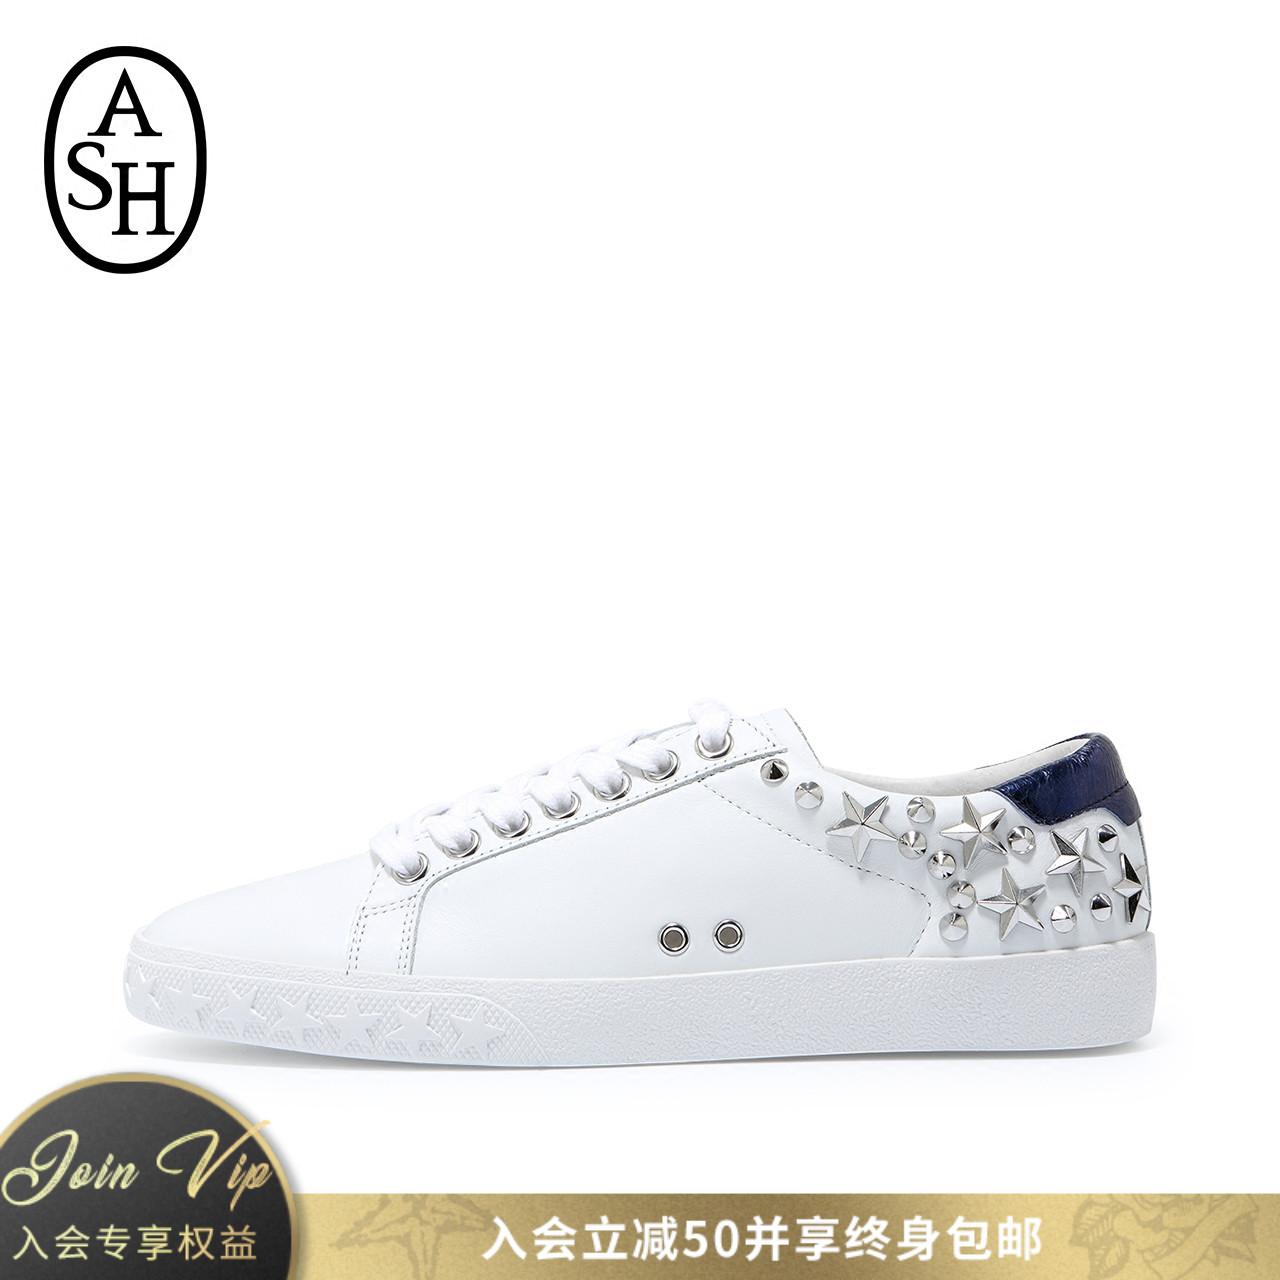 ASH女鞋秋季新款DAZED铆钉星星低帮滑板鞋小白鞋女